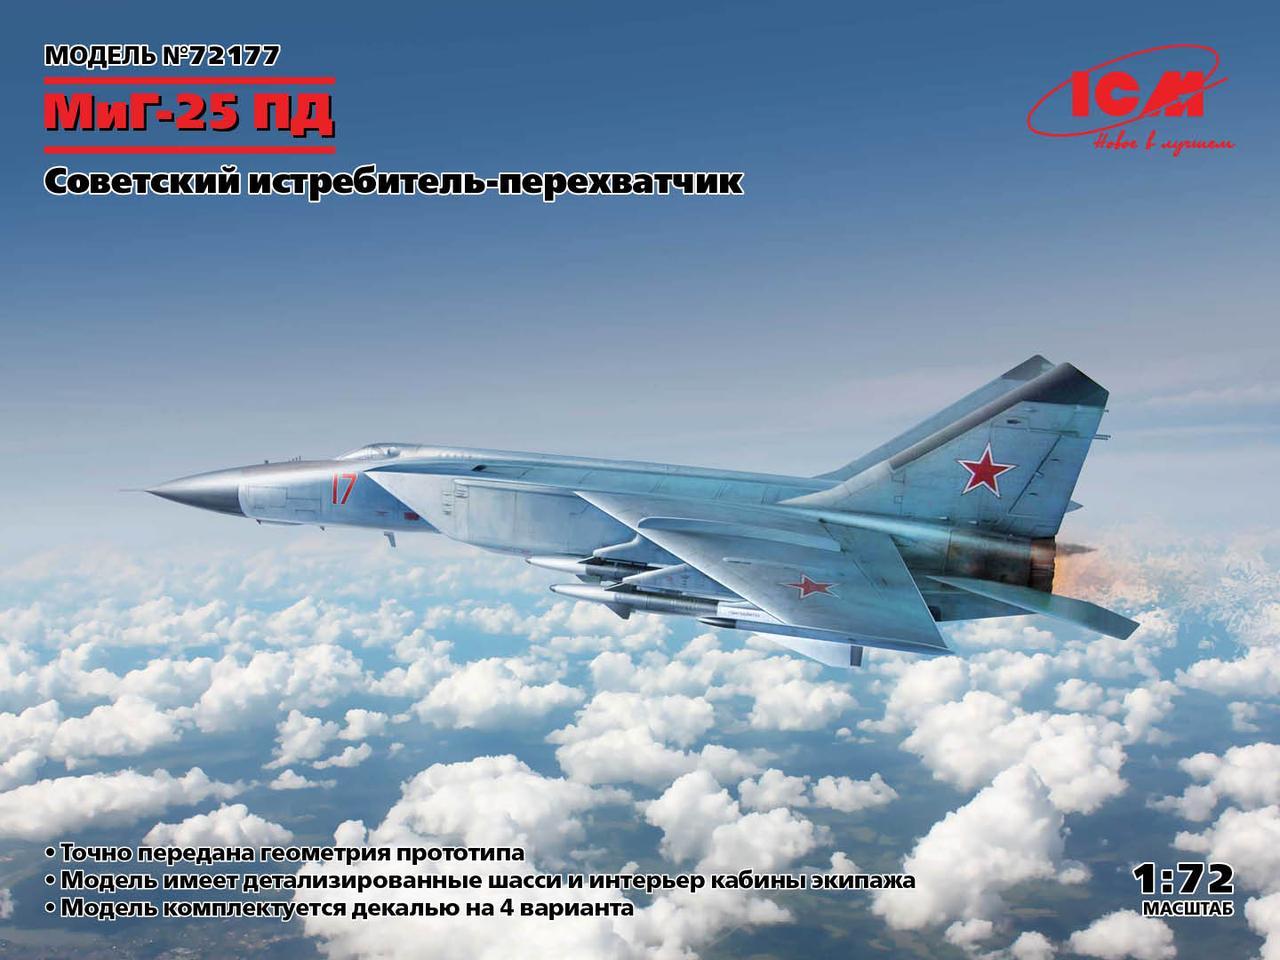 МиГ-25 ПД советский истребитель перехватчик. Сборная модель самолета в масштабе 1/72. ICM 72177